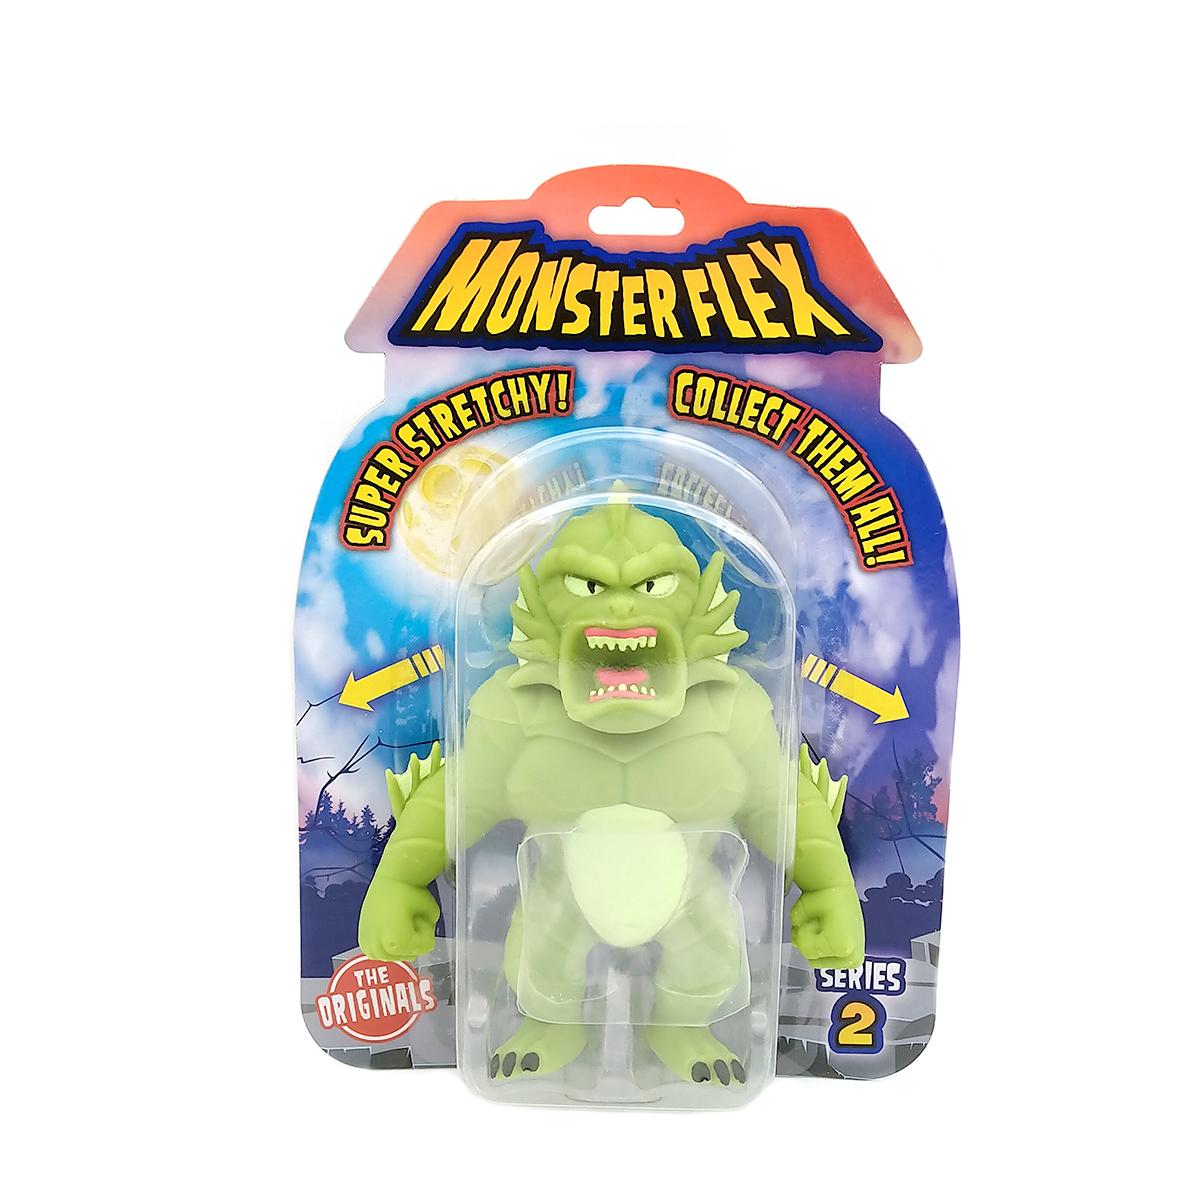 Figurina flexibila Monster Flex, S2, Swap Monster